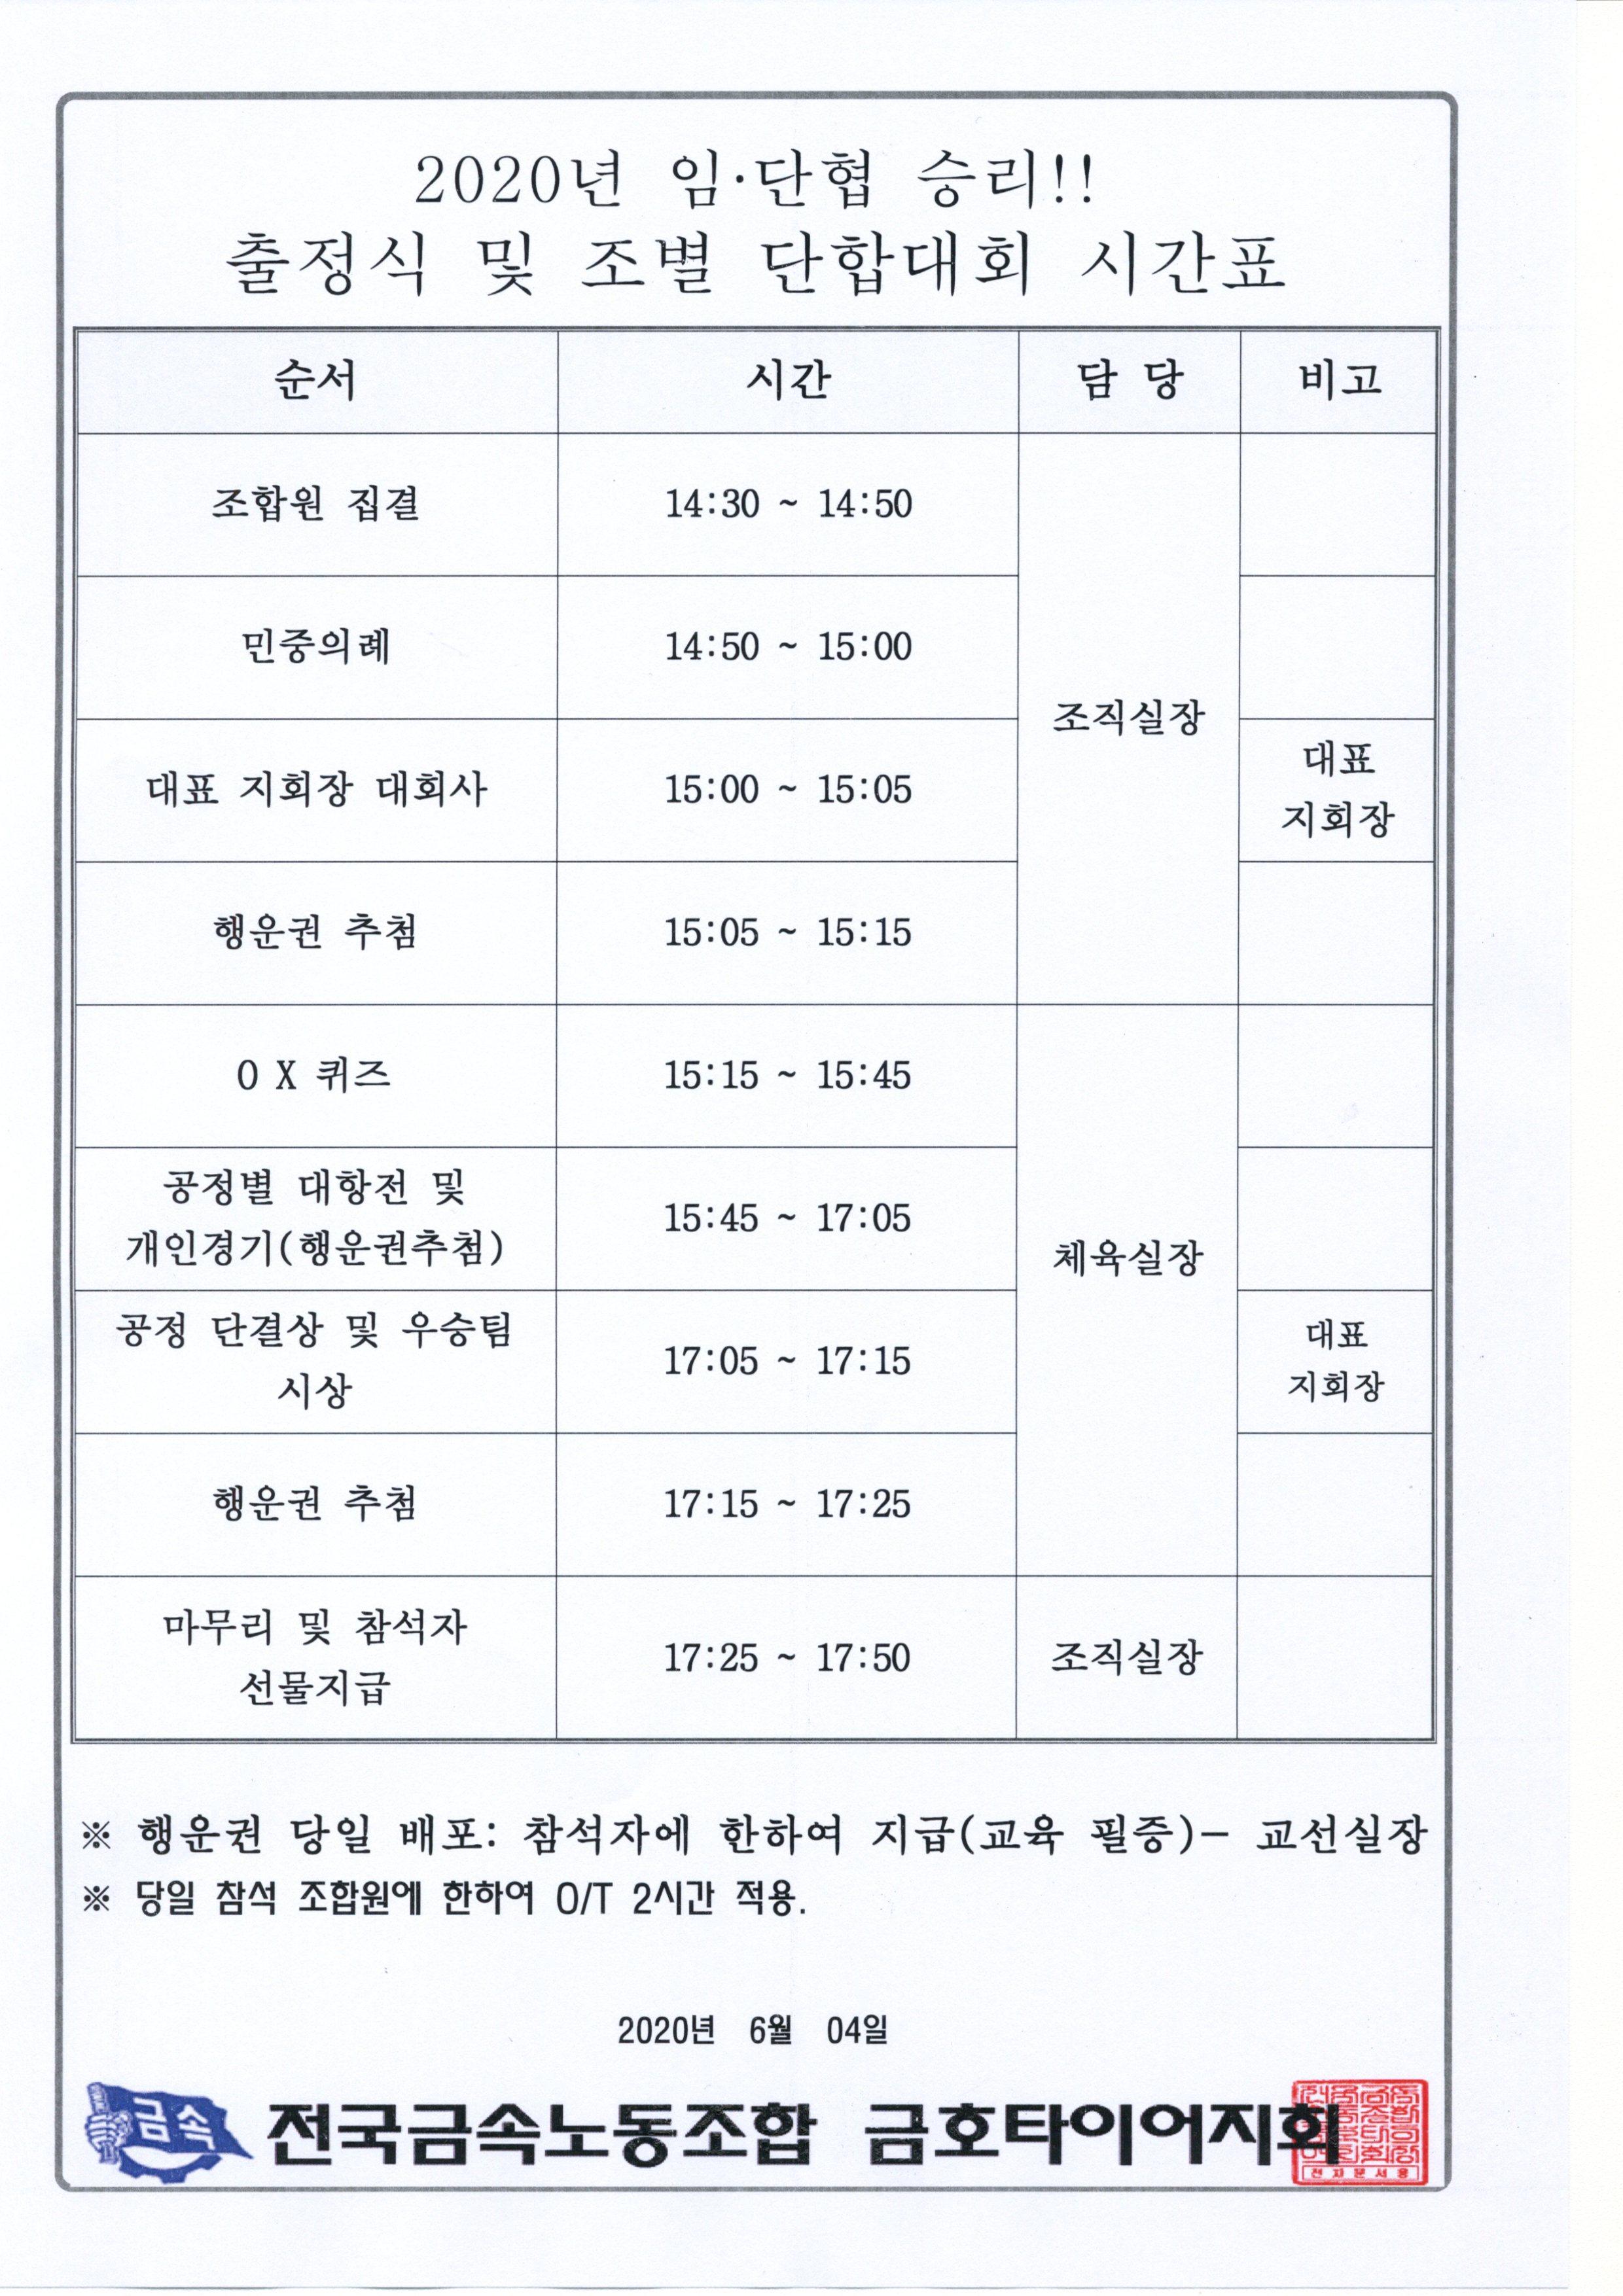 출정식 스케줄121.jpg